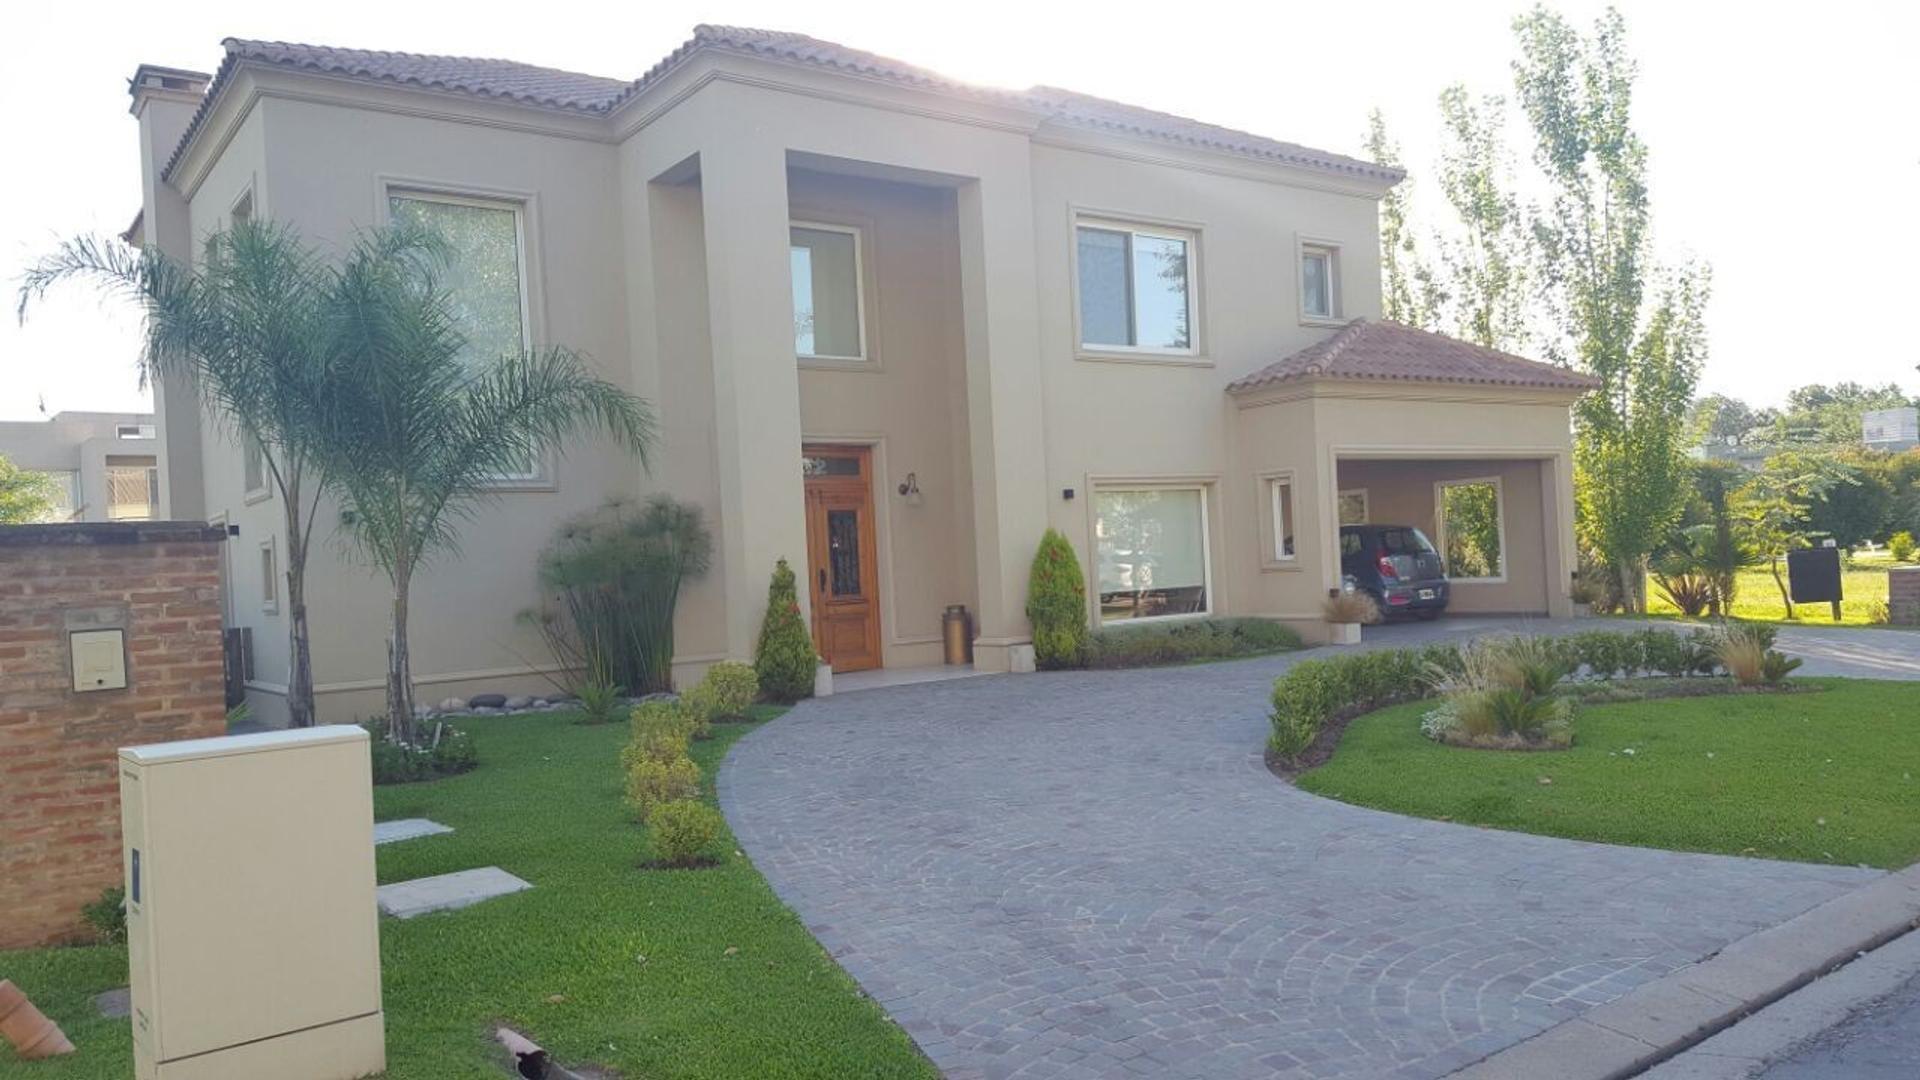 Casa  en Venta ubicado en Weston, Zona Oeste - OES1036_LP160889_1